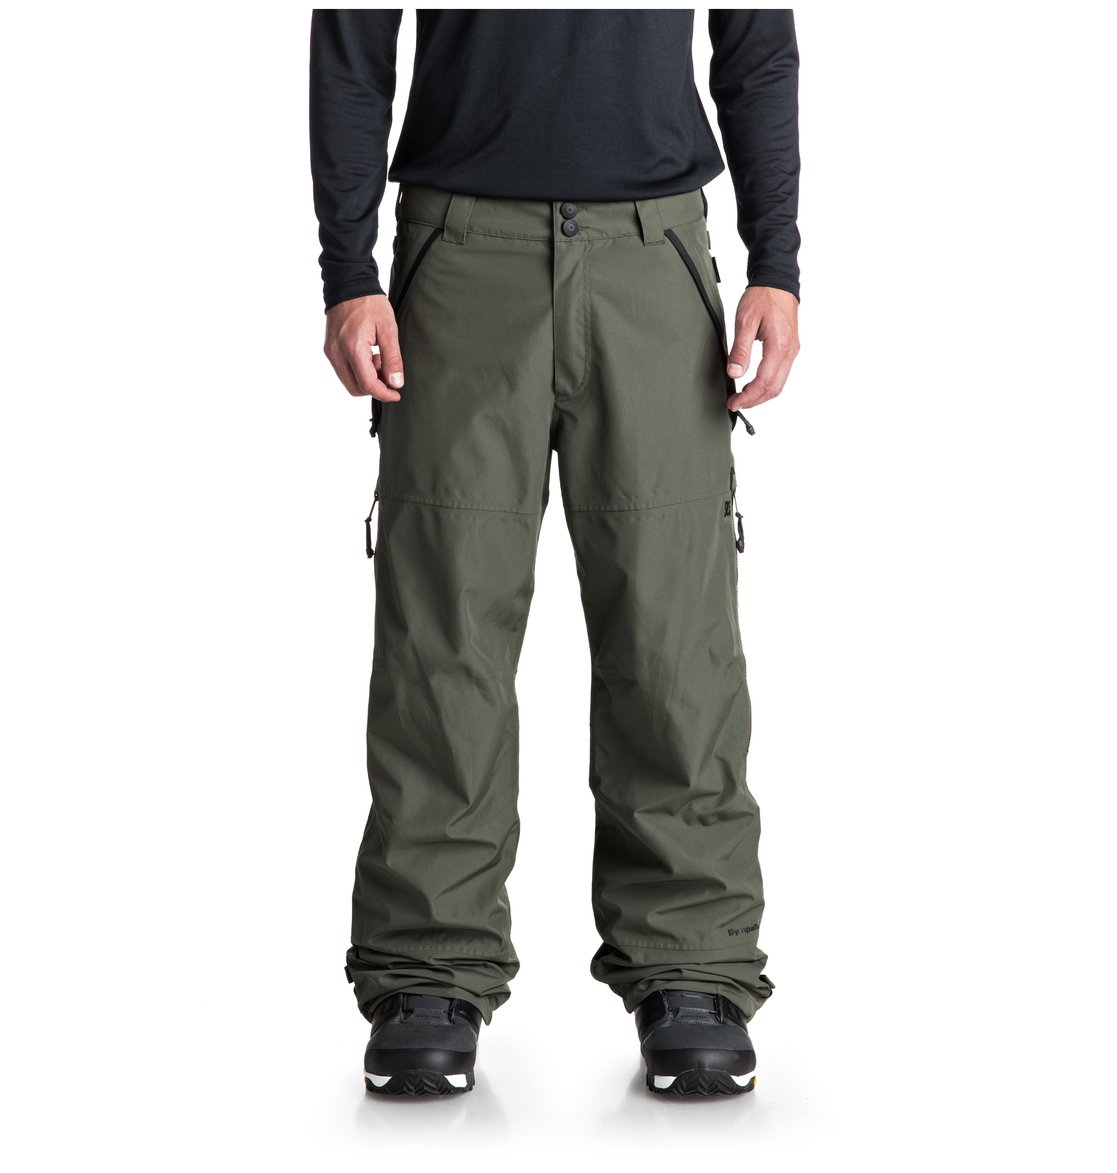 0 EDYTP03032 de Pantalon Nomad snow Homme DC pour Vert Shoes 6rP6xq